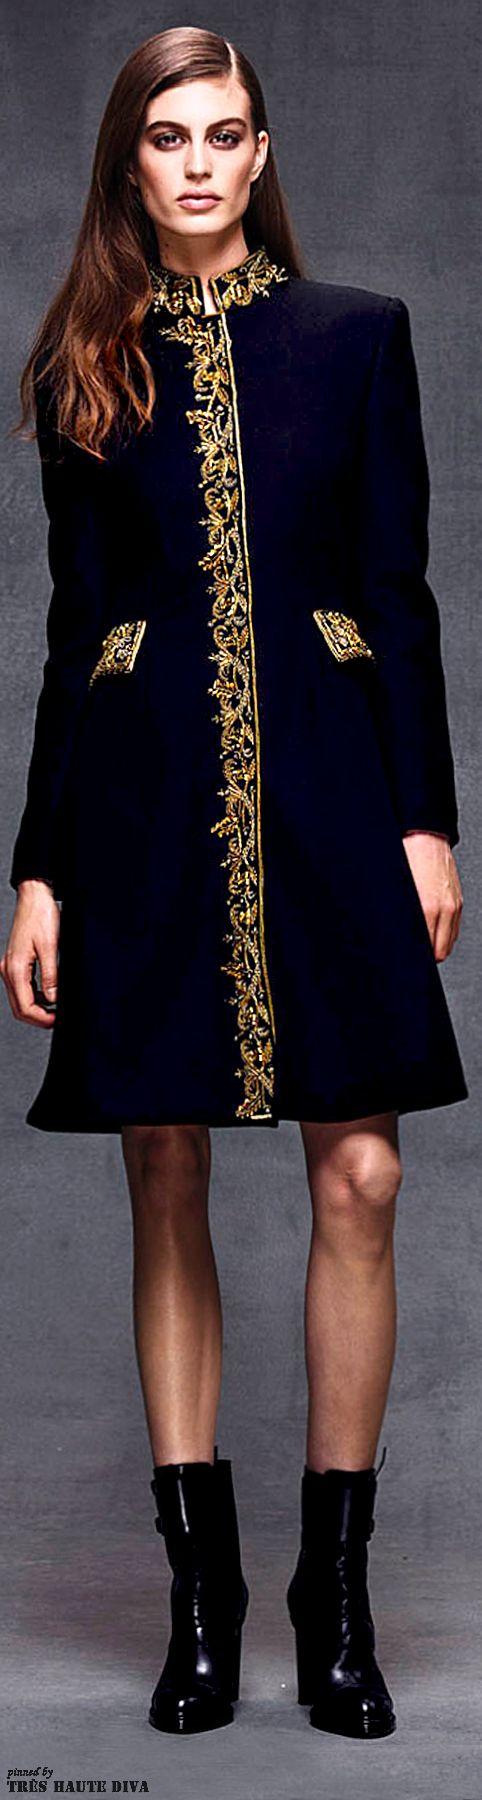 Alberta Ferretti Pre-Fall 2014 www.vogue.com/...